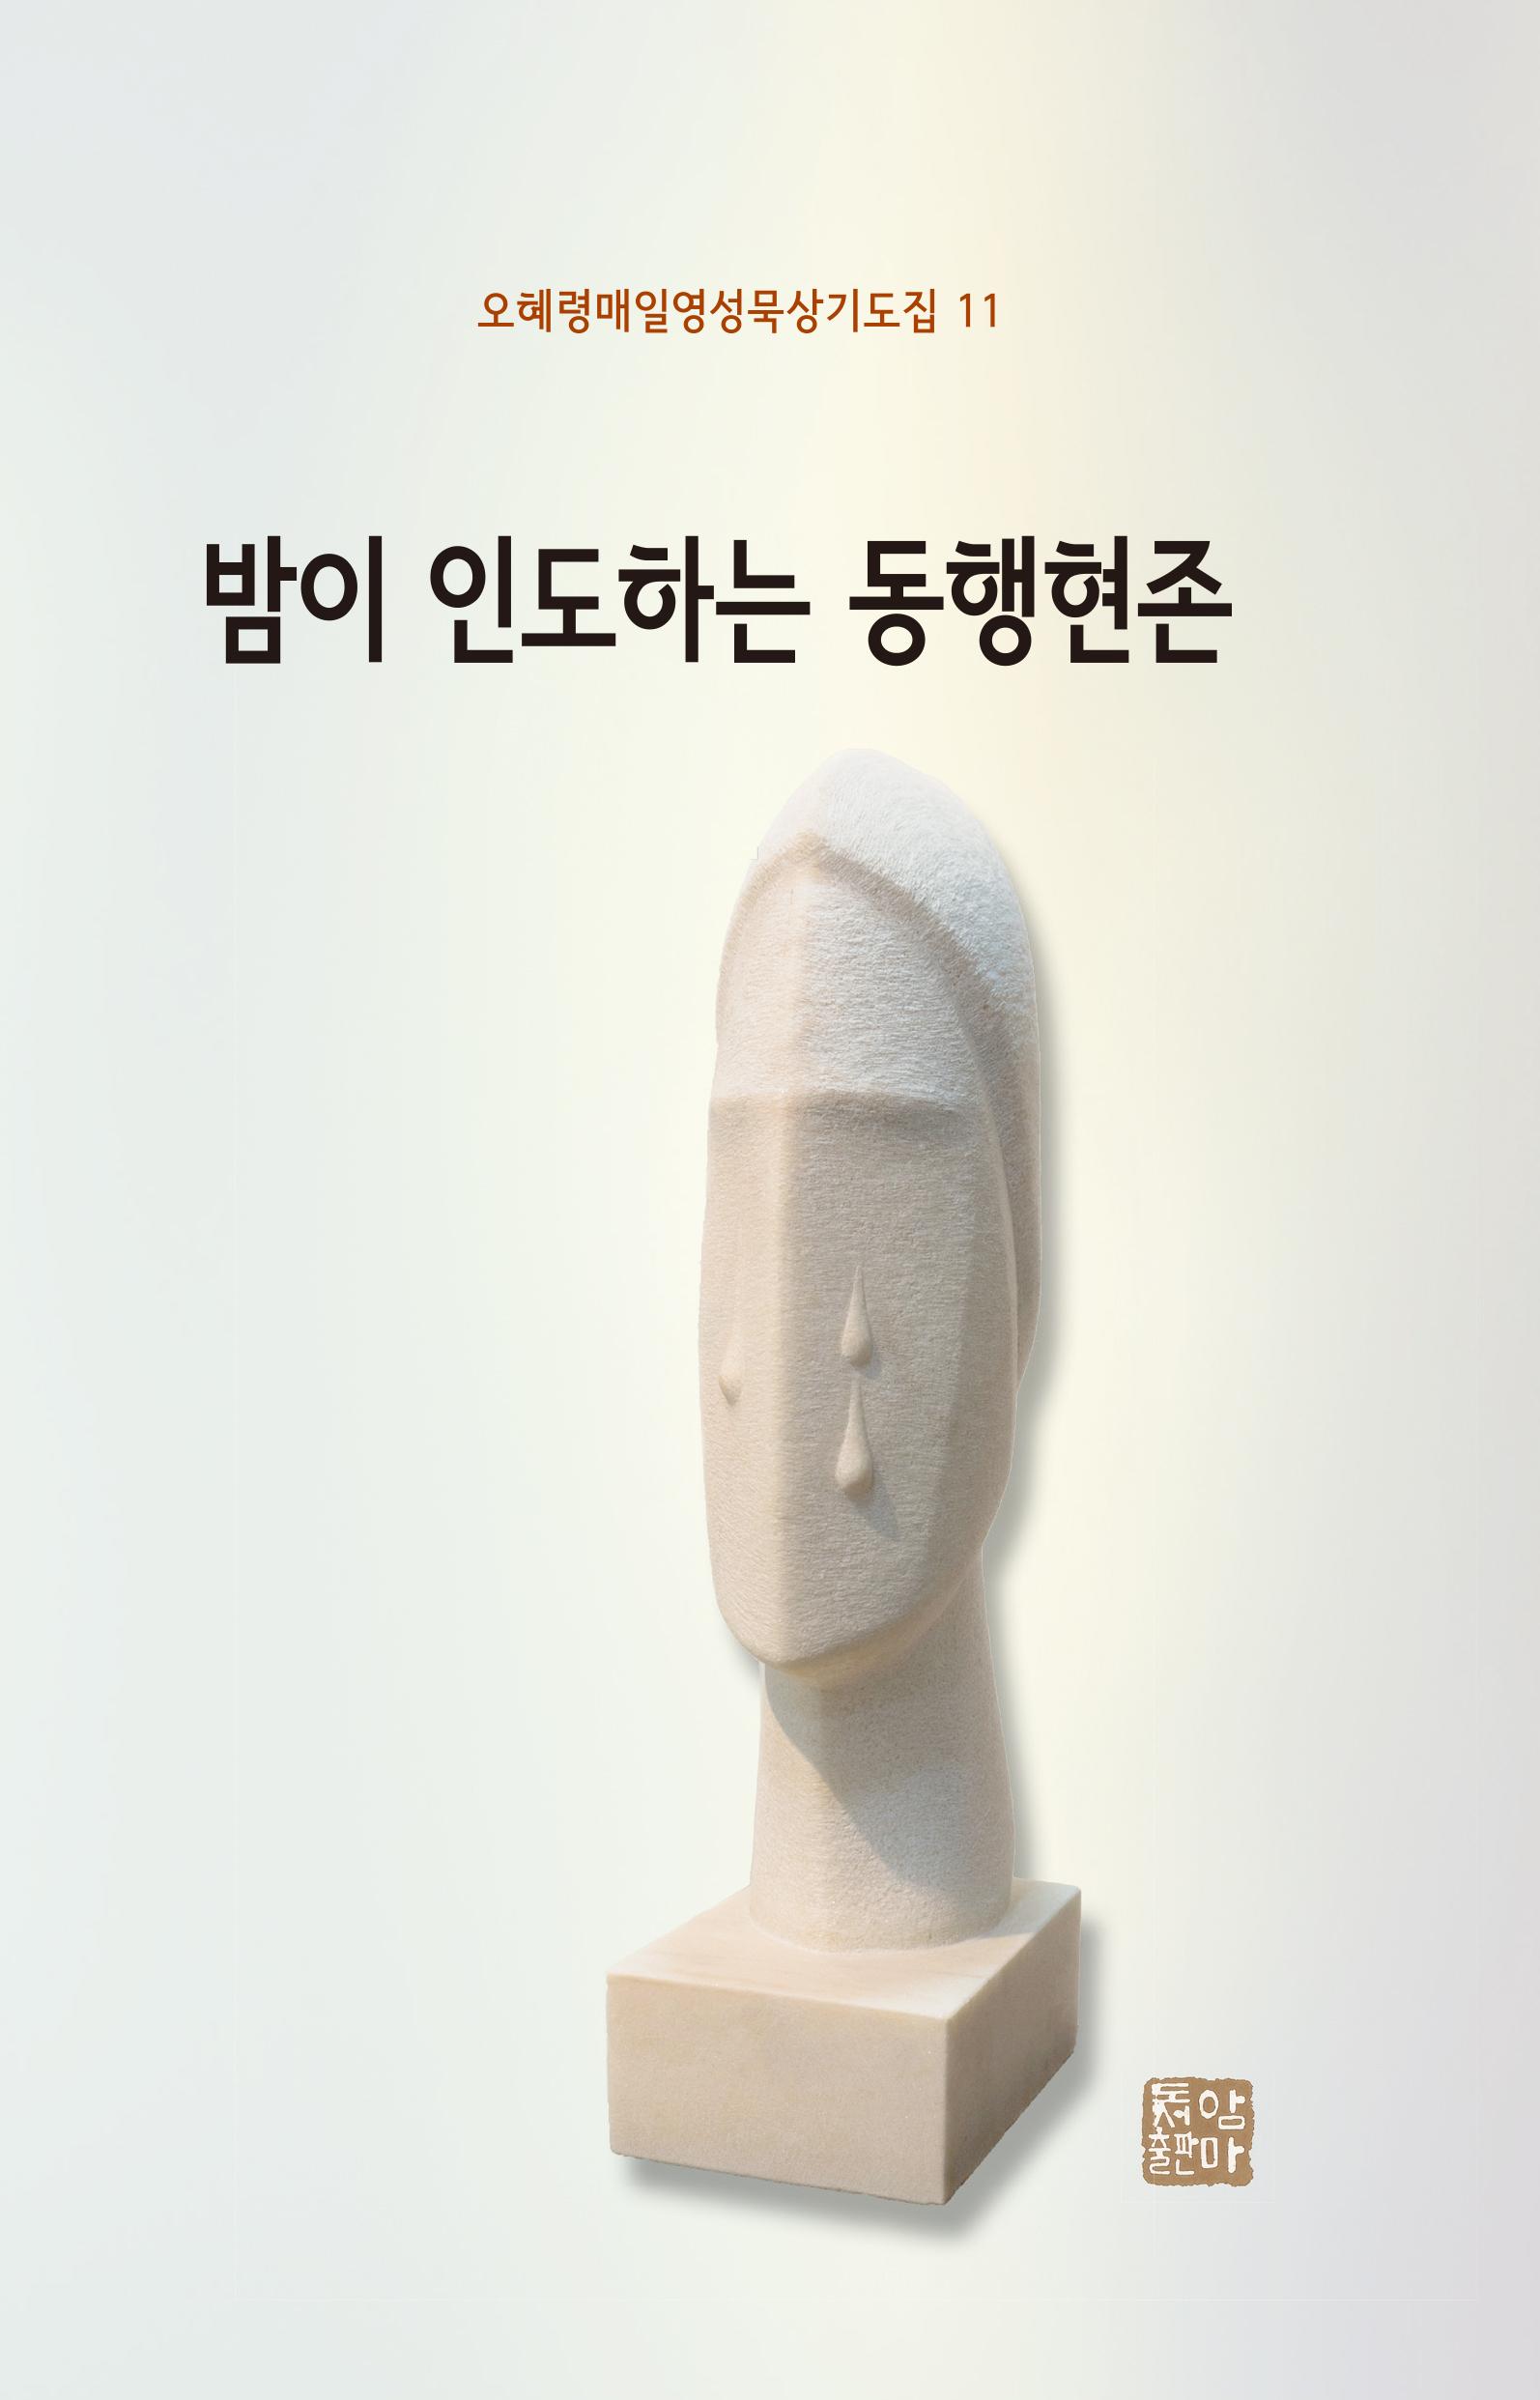 book69+밤이+인도하는+동행현존.jpg